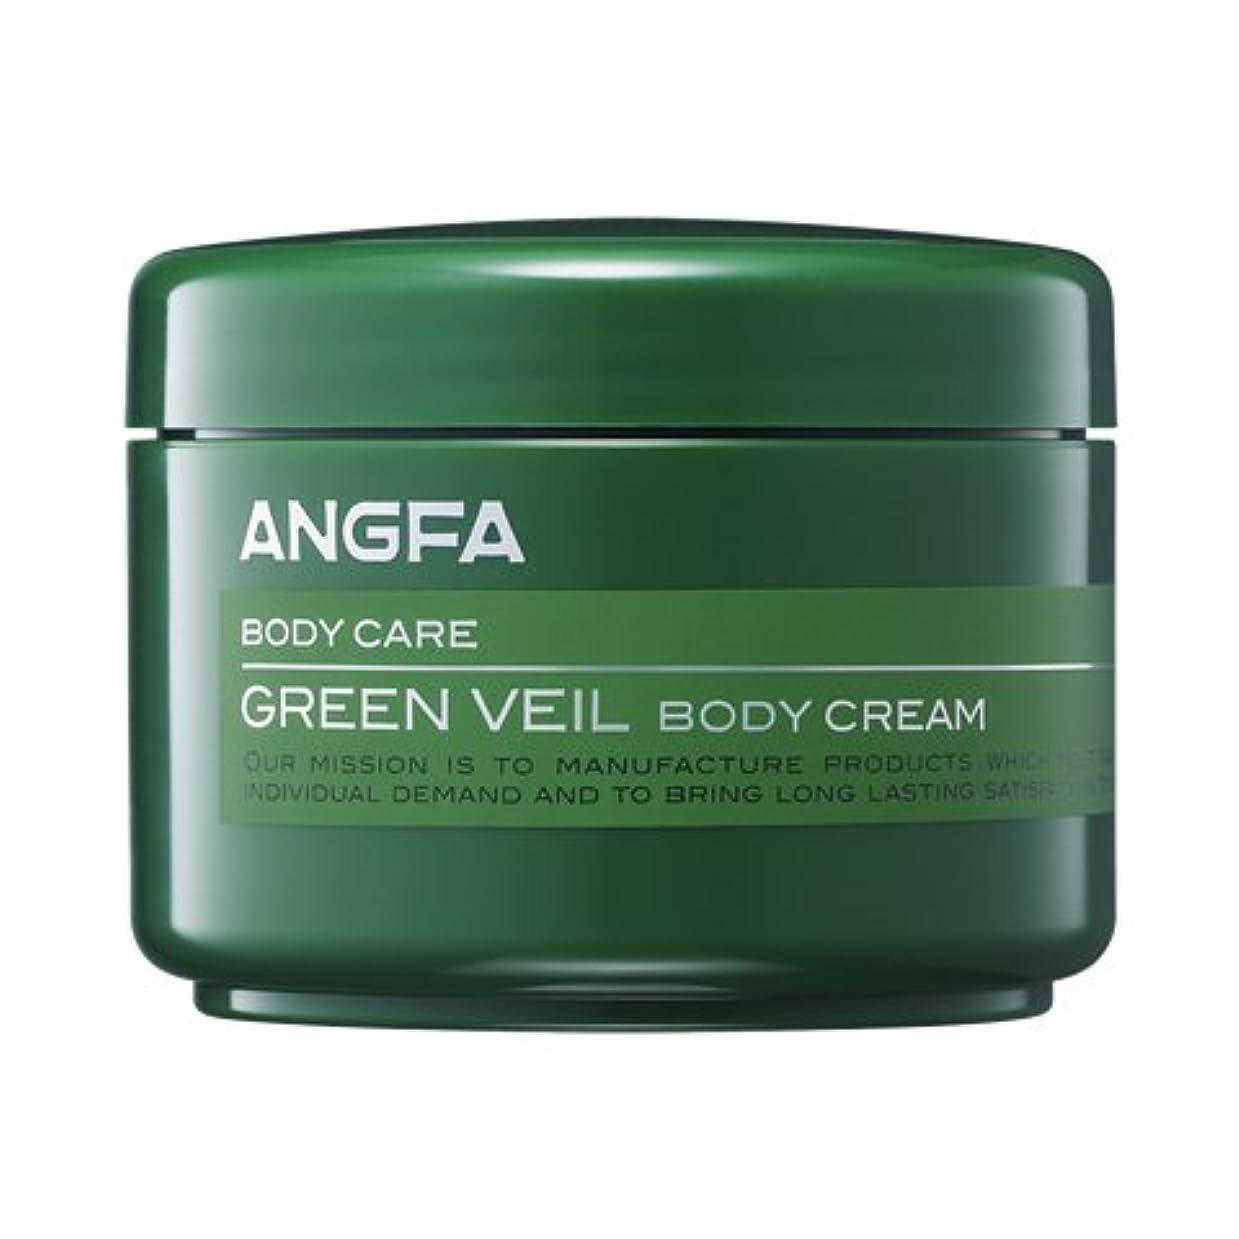 偏差断言するアンファー (ANGFA) グリーンベール 薬用ボディクリーム 45g グリーンフローラル [乾燥?保湿] かゆみ肌